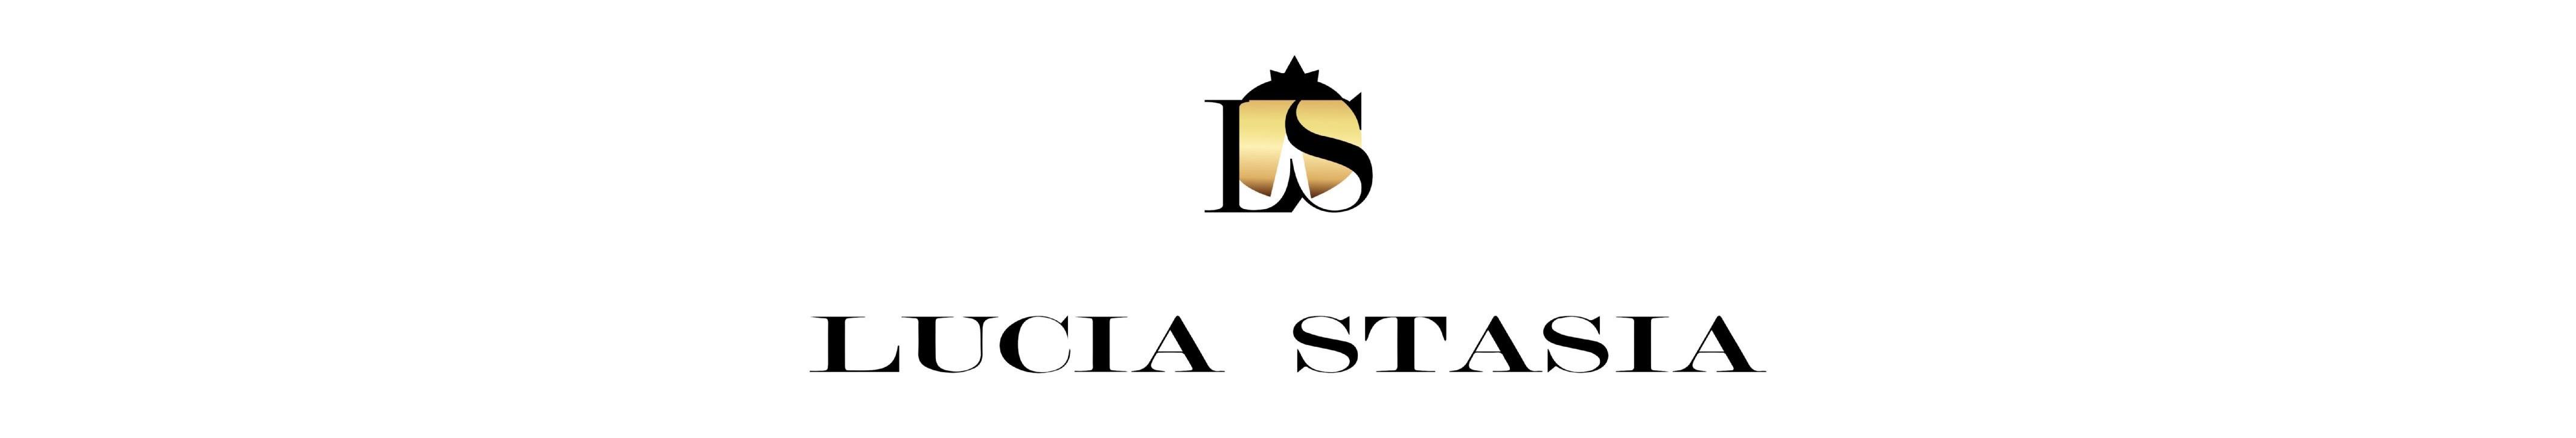 LuciaStasia